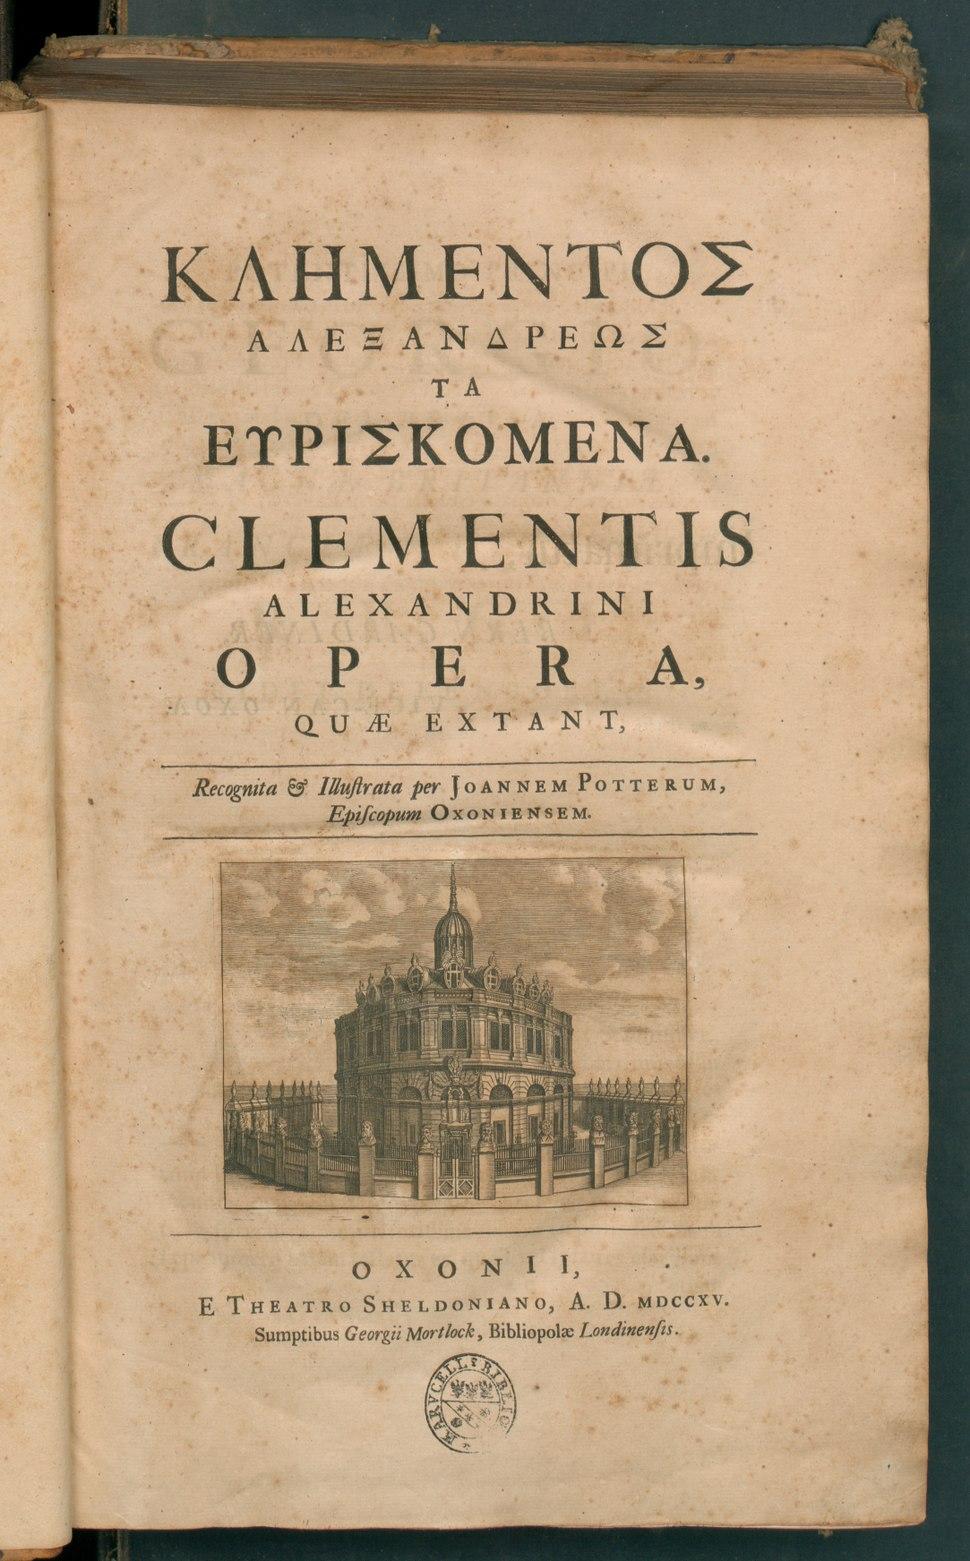 Klementos Alexandreos ta heuriskomena